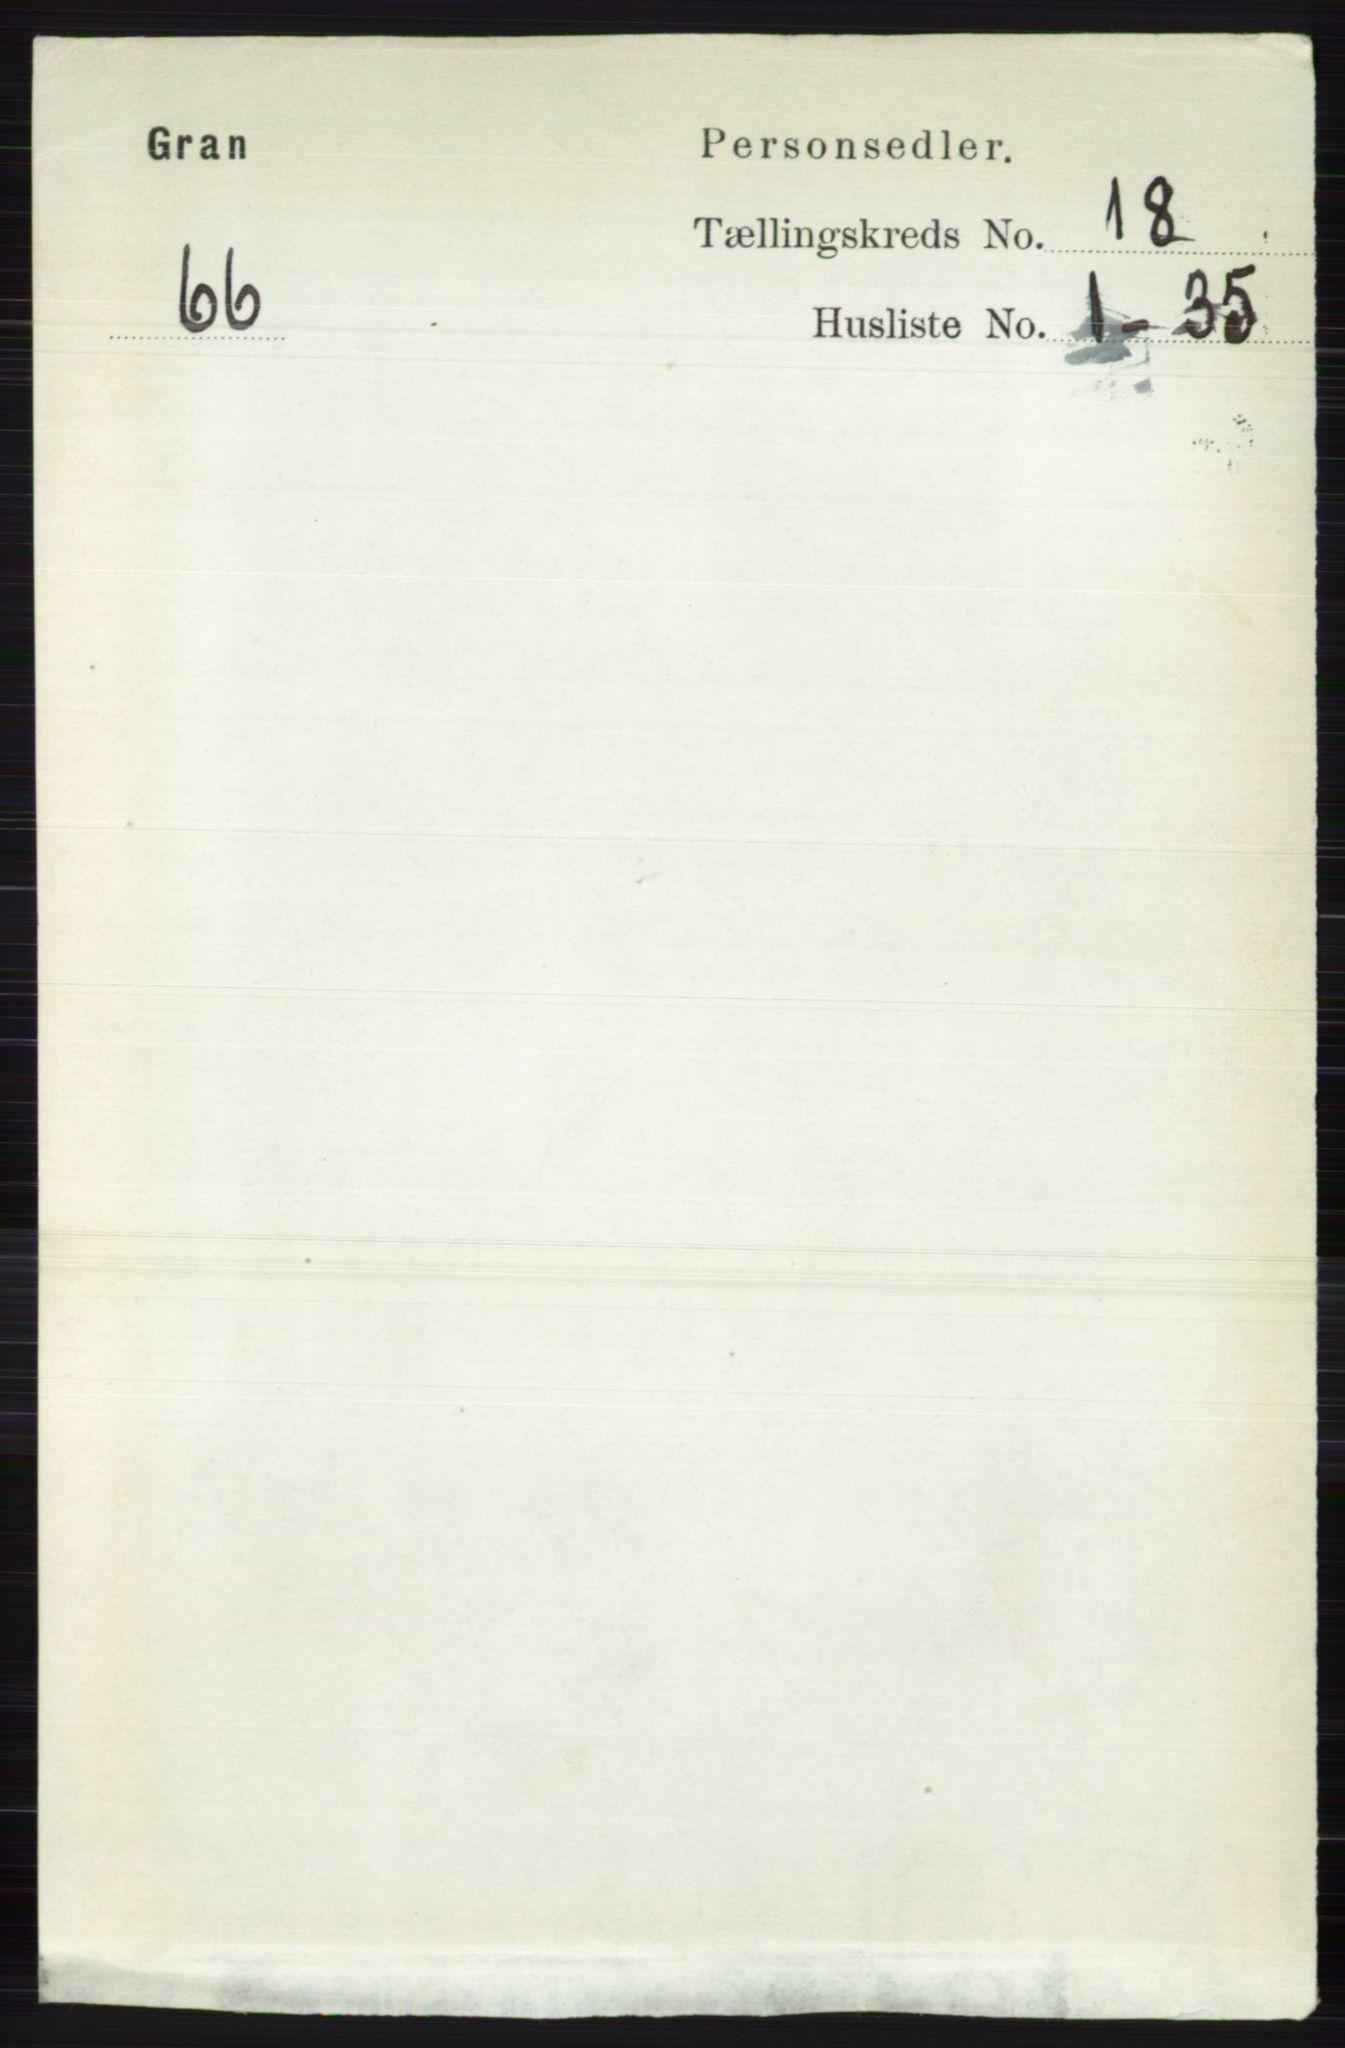 RA, Folketelling 1891 for 0534 Gran herred, 1891, s. 9535